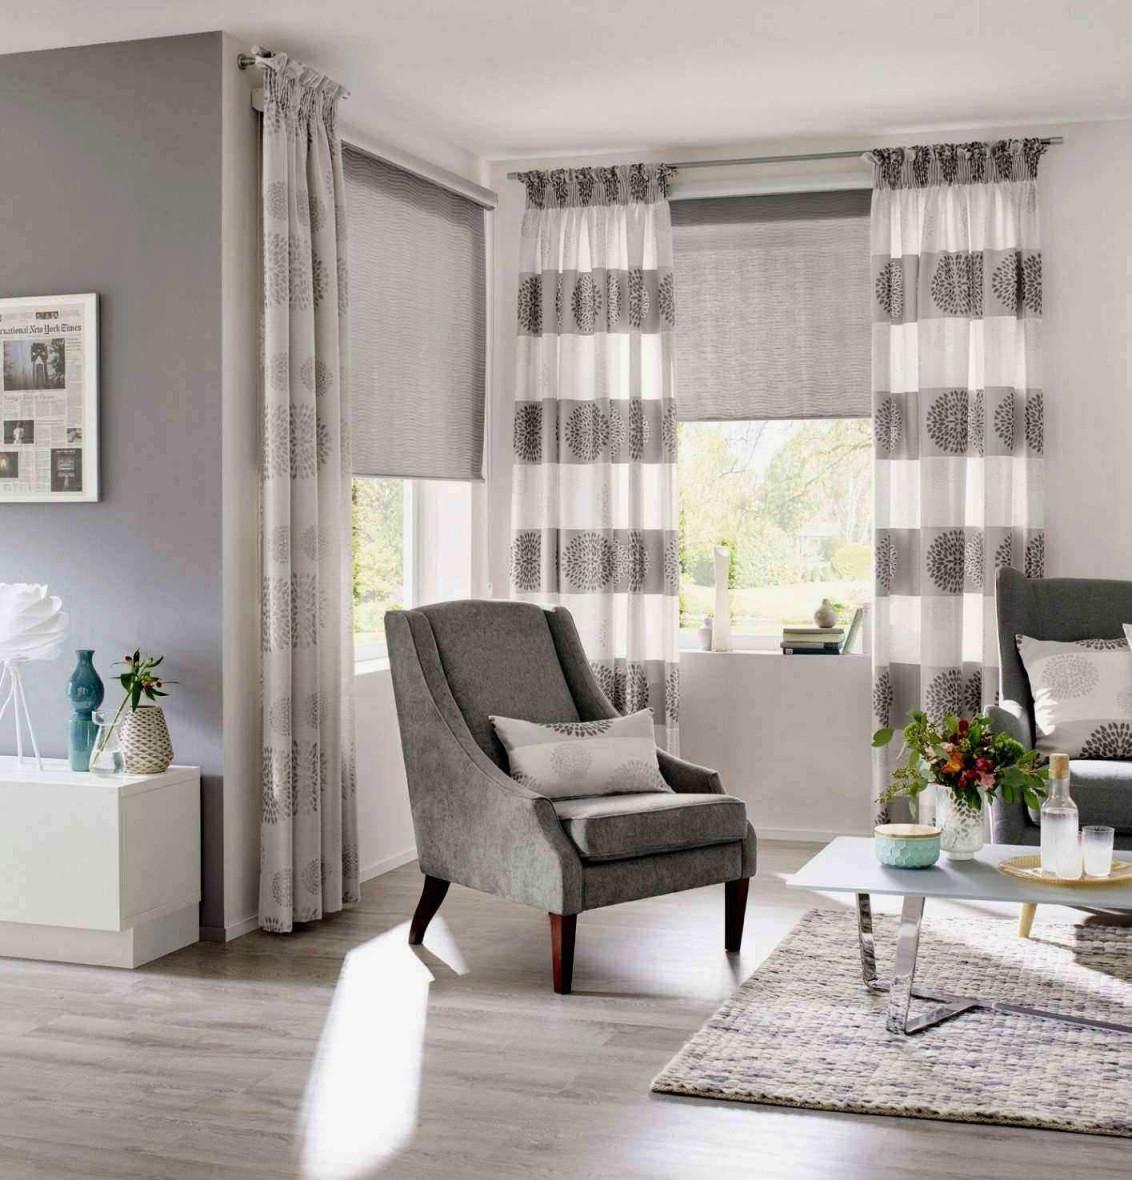 Gardinen Modelle Für Wohnzimmer Elegant 45 Einzigartig Von von Gardinen Modelle Für Wohnzimmer Photo